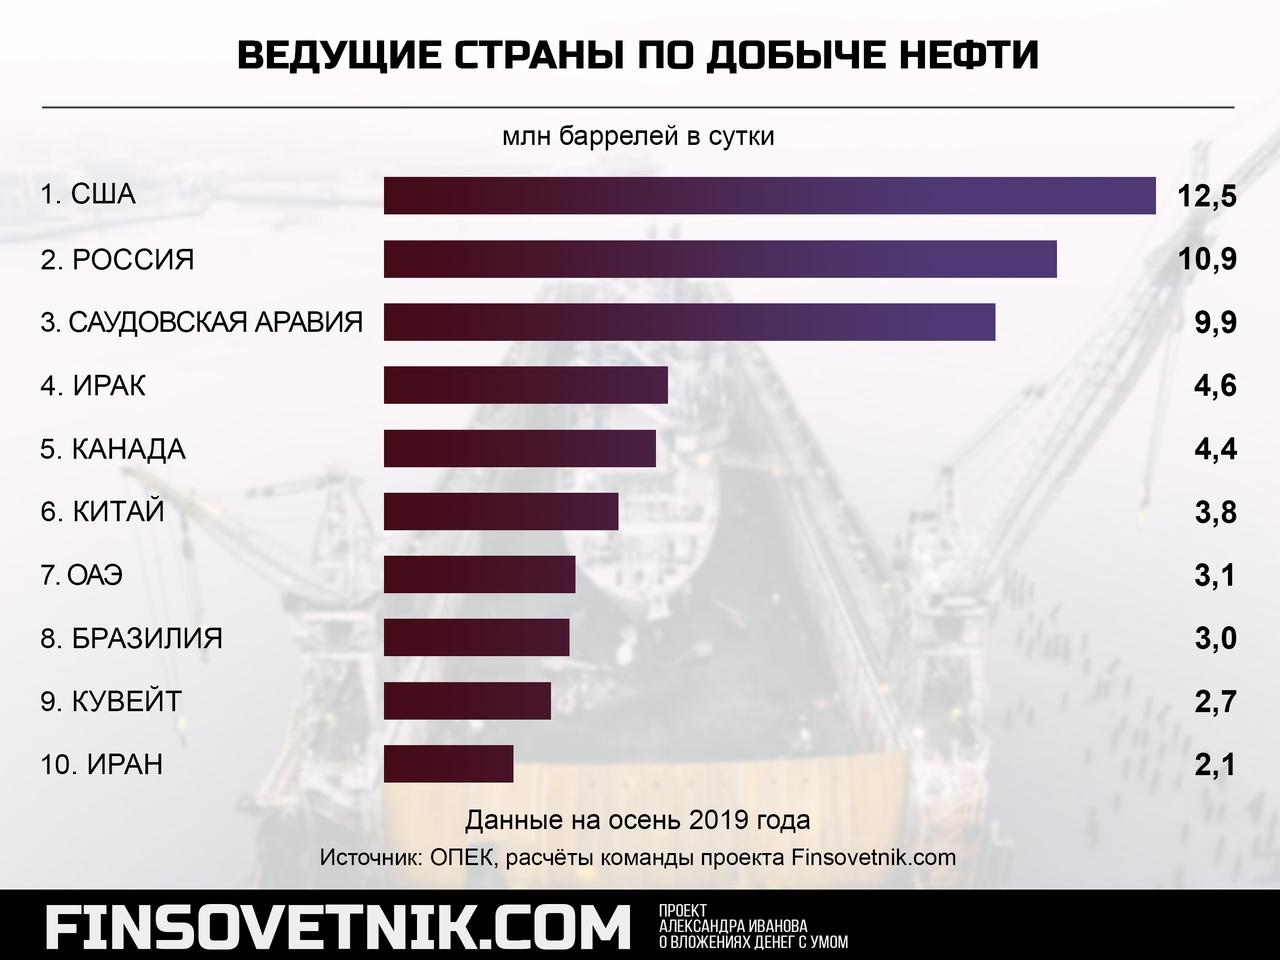 страна занимает первое место по запасам нефти